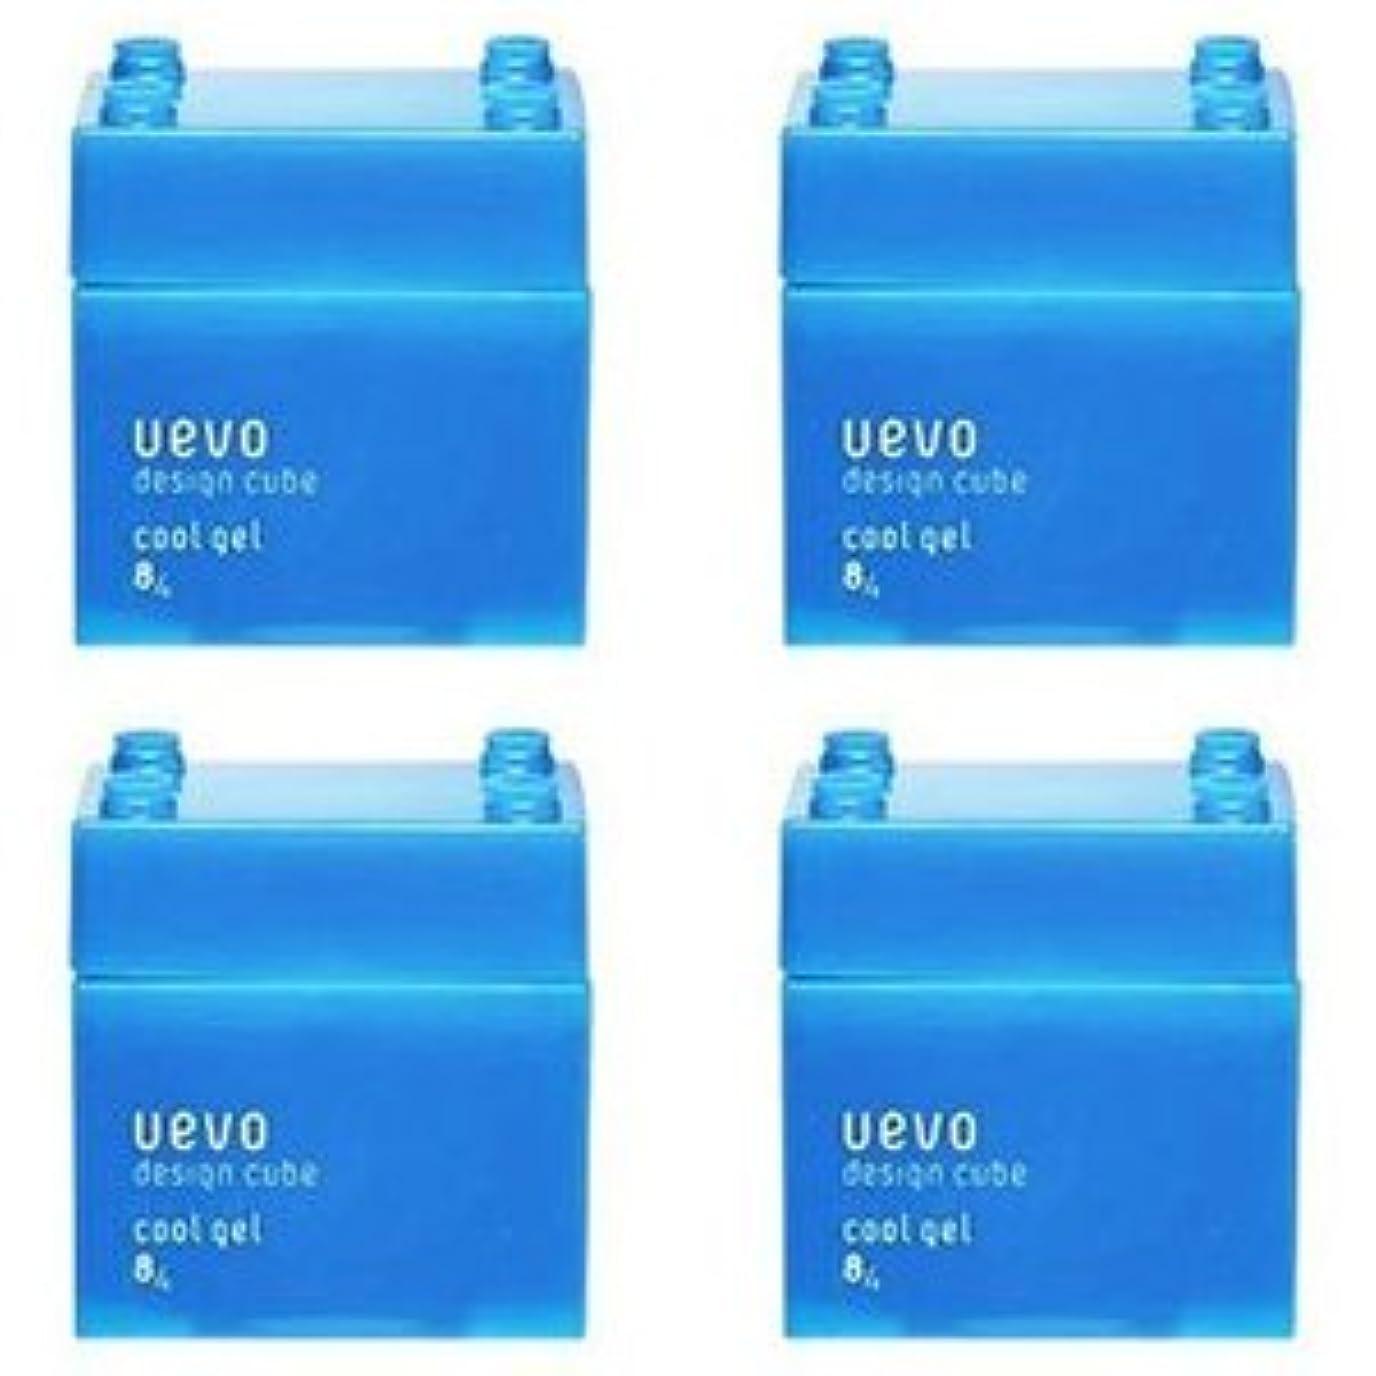 スカートモスク法王【X4個セット】 デミ ウェーボ デザインキューブ クールジェル 80g cool gel DEMI uevo design cube